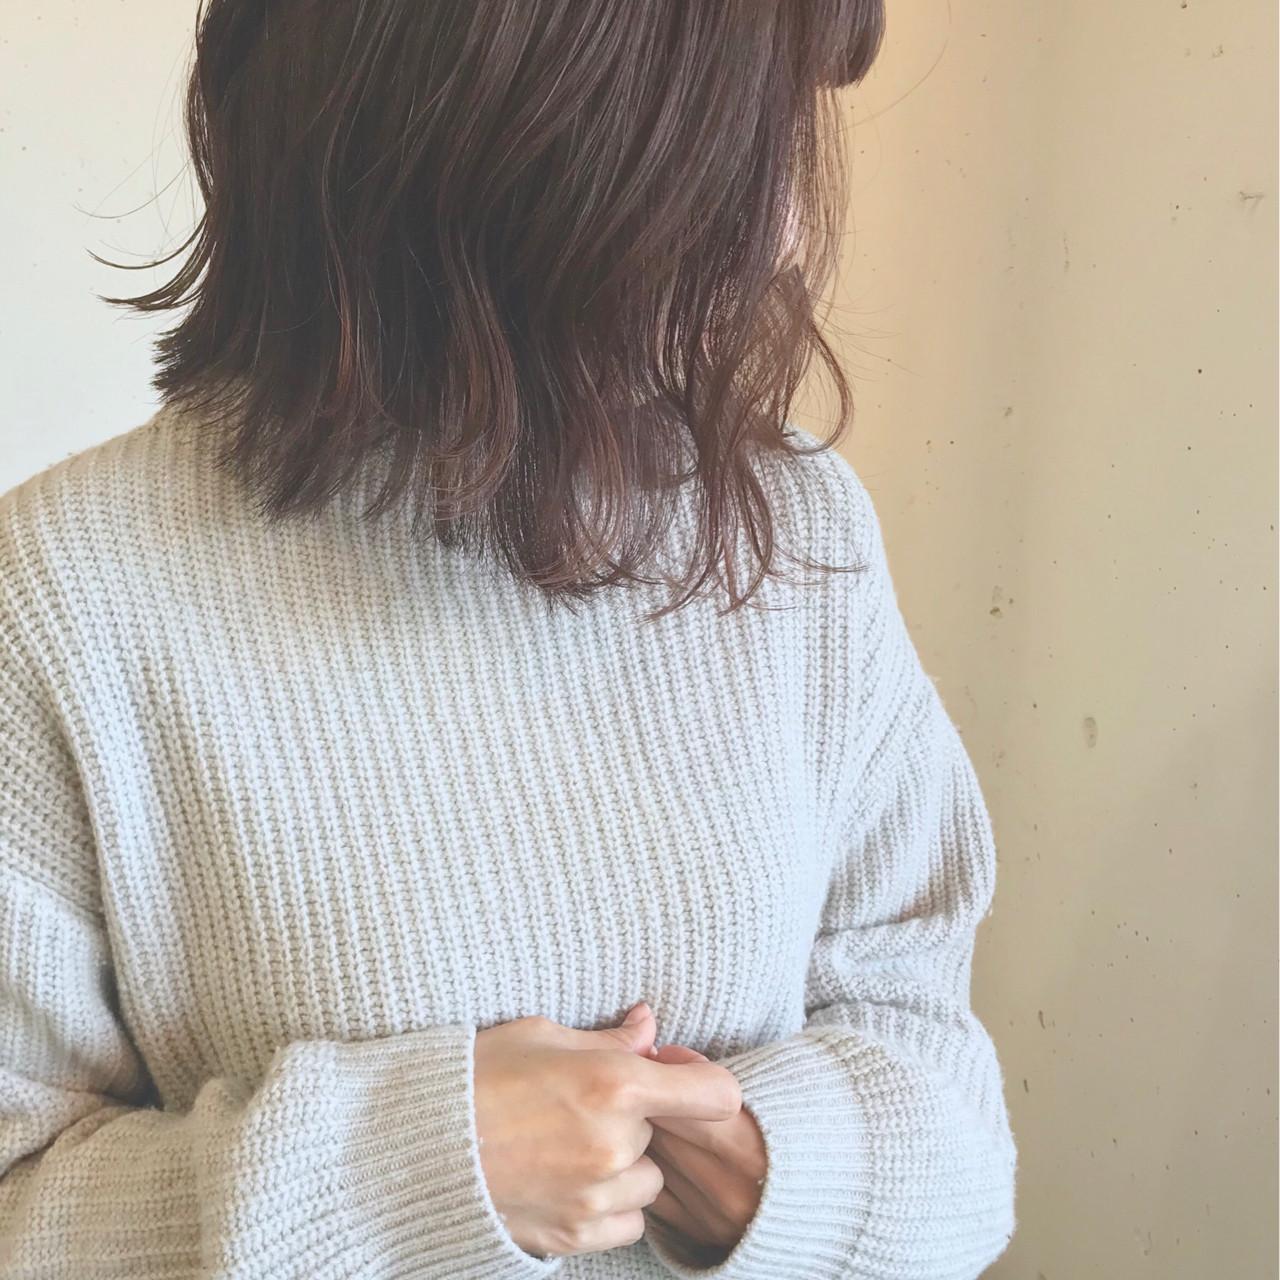 アッシュグレージュ 外国人風 ボブ ゆるふわ ヘアスタイルや髪型の写真・画像